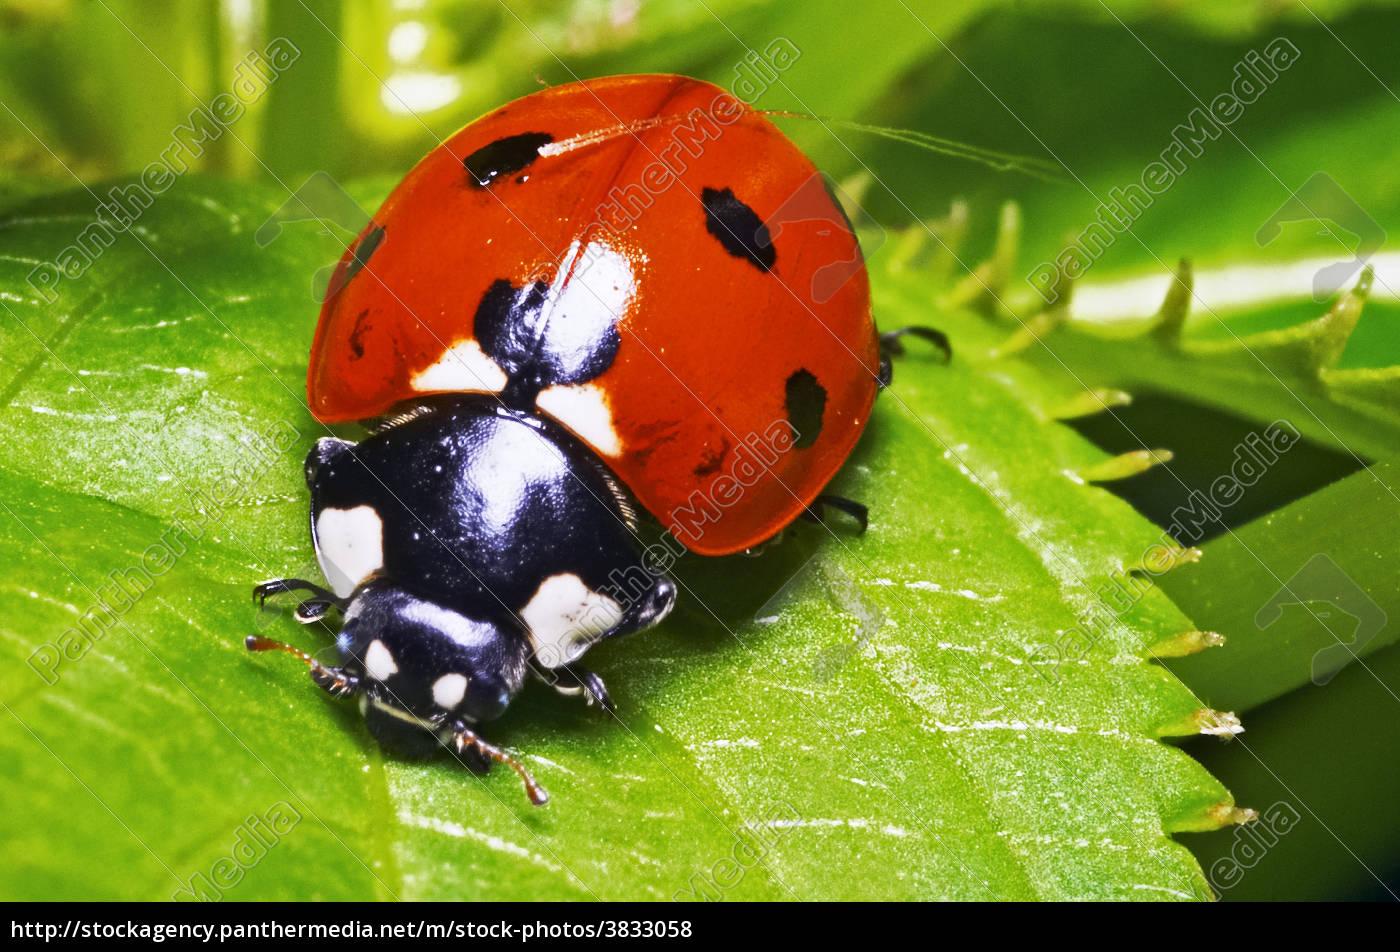 macro, portrait, of, the, ladybug, - 3833058